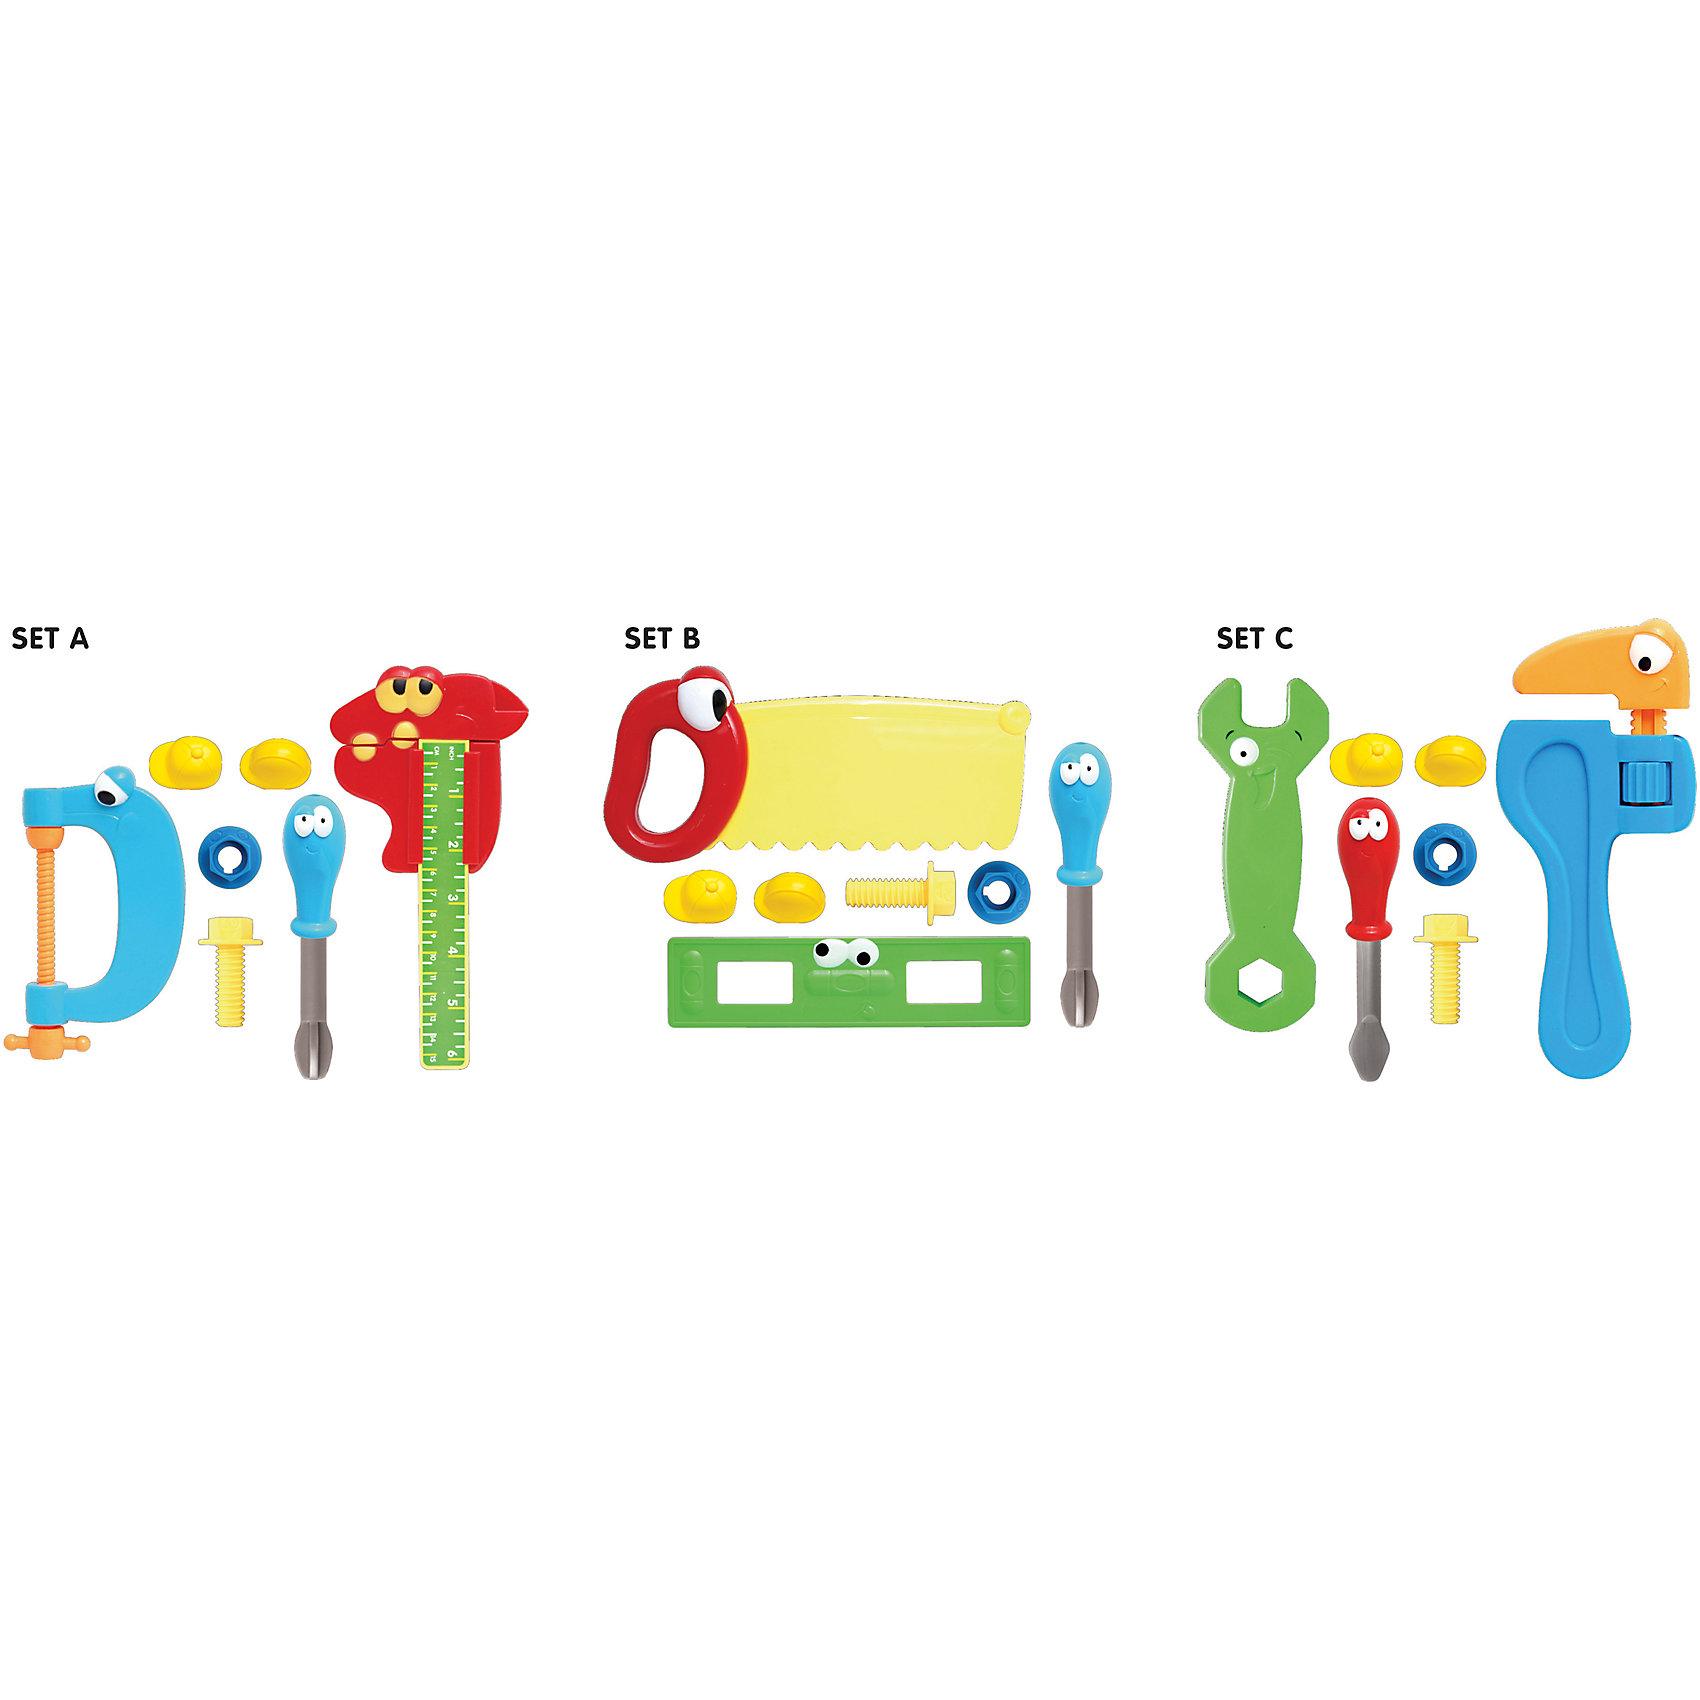 Boley Игровой набор инструментов, 7 шт., Boley набор инструментов квалитет нир 90